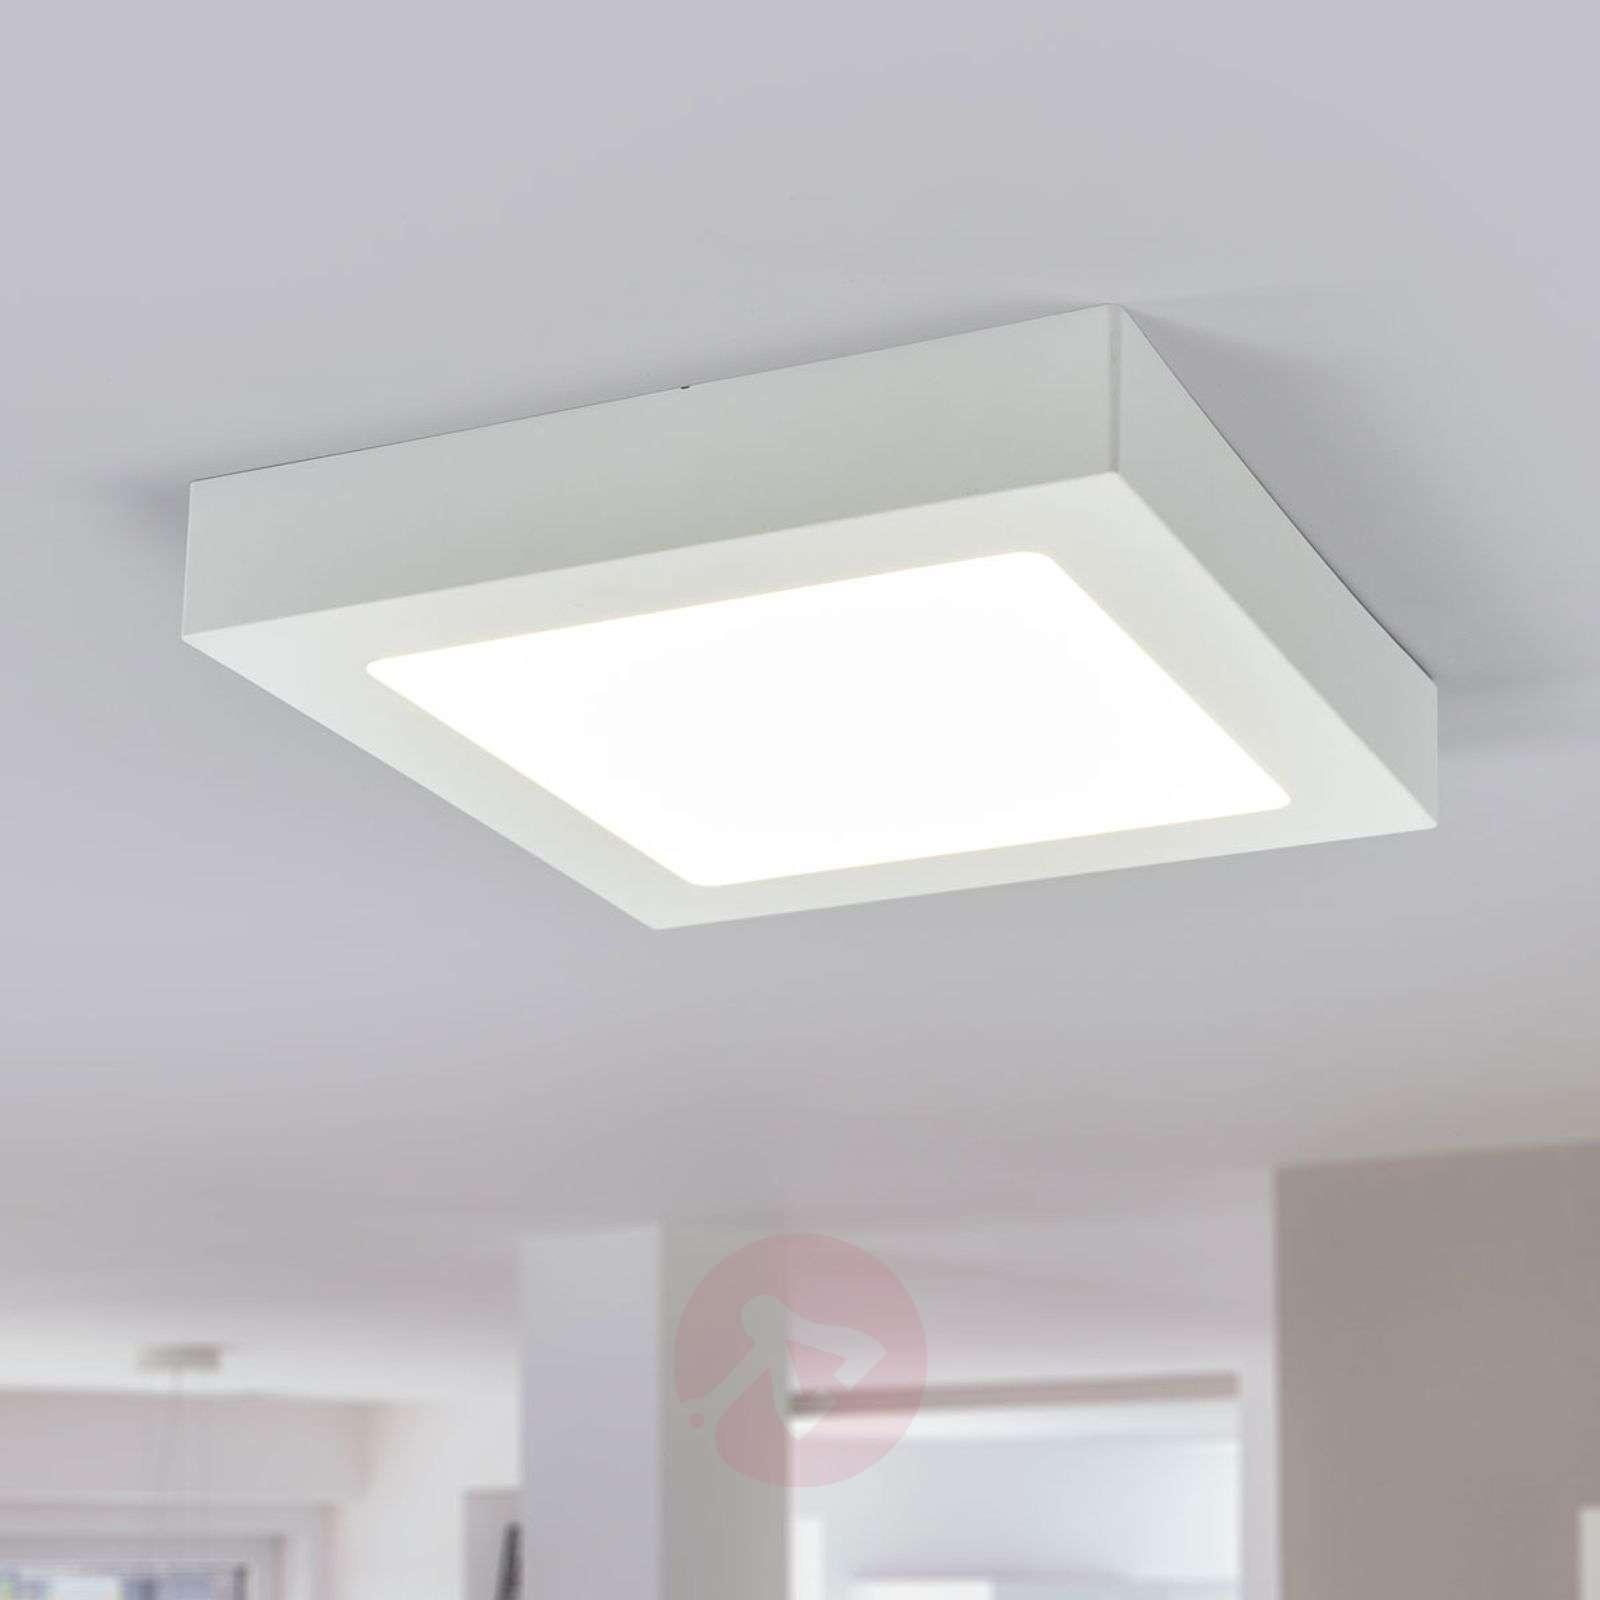 LED-kattovalo Marlo valkoinen 4000K kulmikas 23 cm